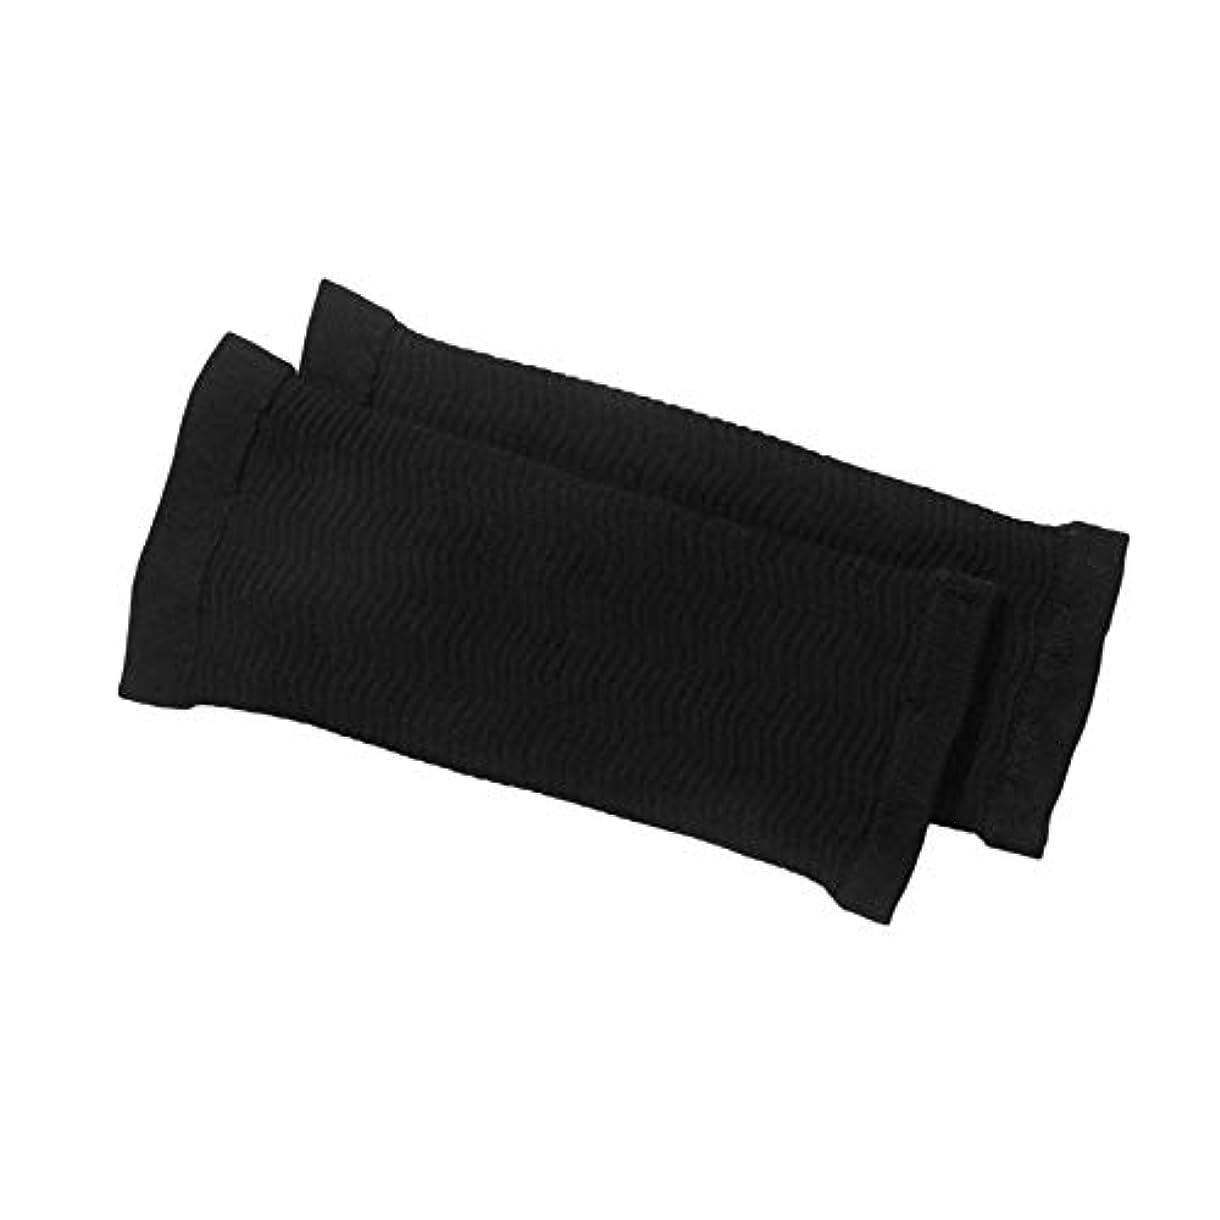 ステートメント指定する頼む1ペア420 D圧縮痩身アームスリーブワークアウトトーニングバーンセルライトシェイパー脂肪燃焼袖用女性 - 黒